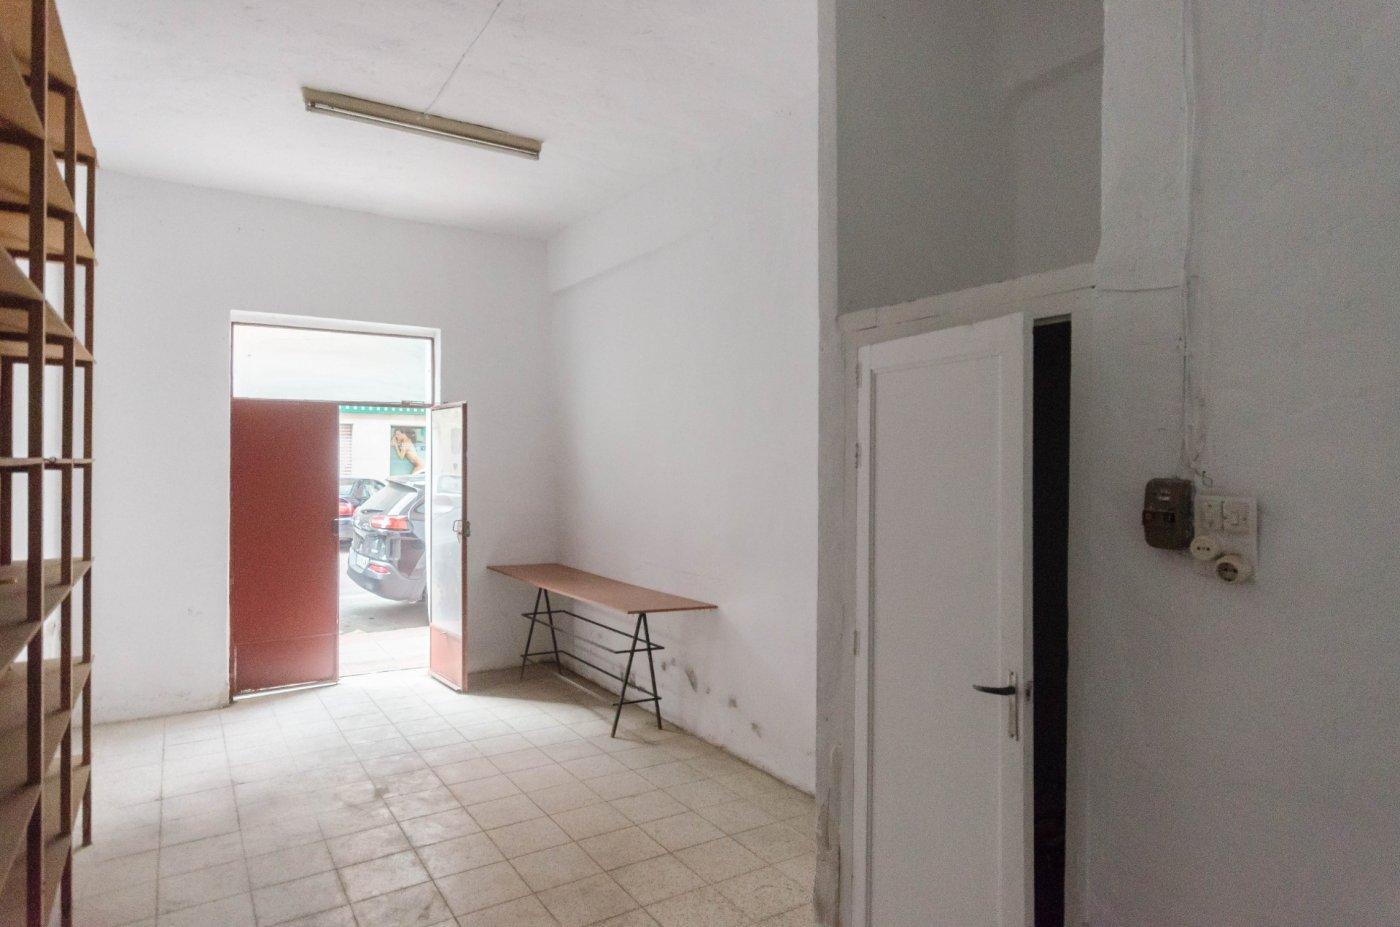 Venta de garaje en murcia - imagenInmueble2